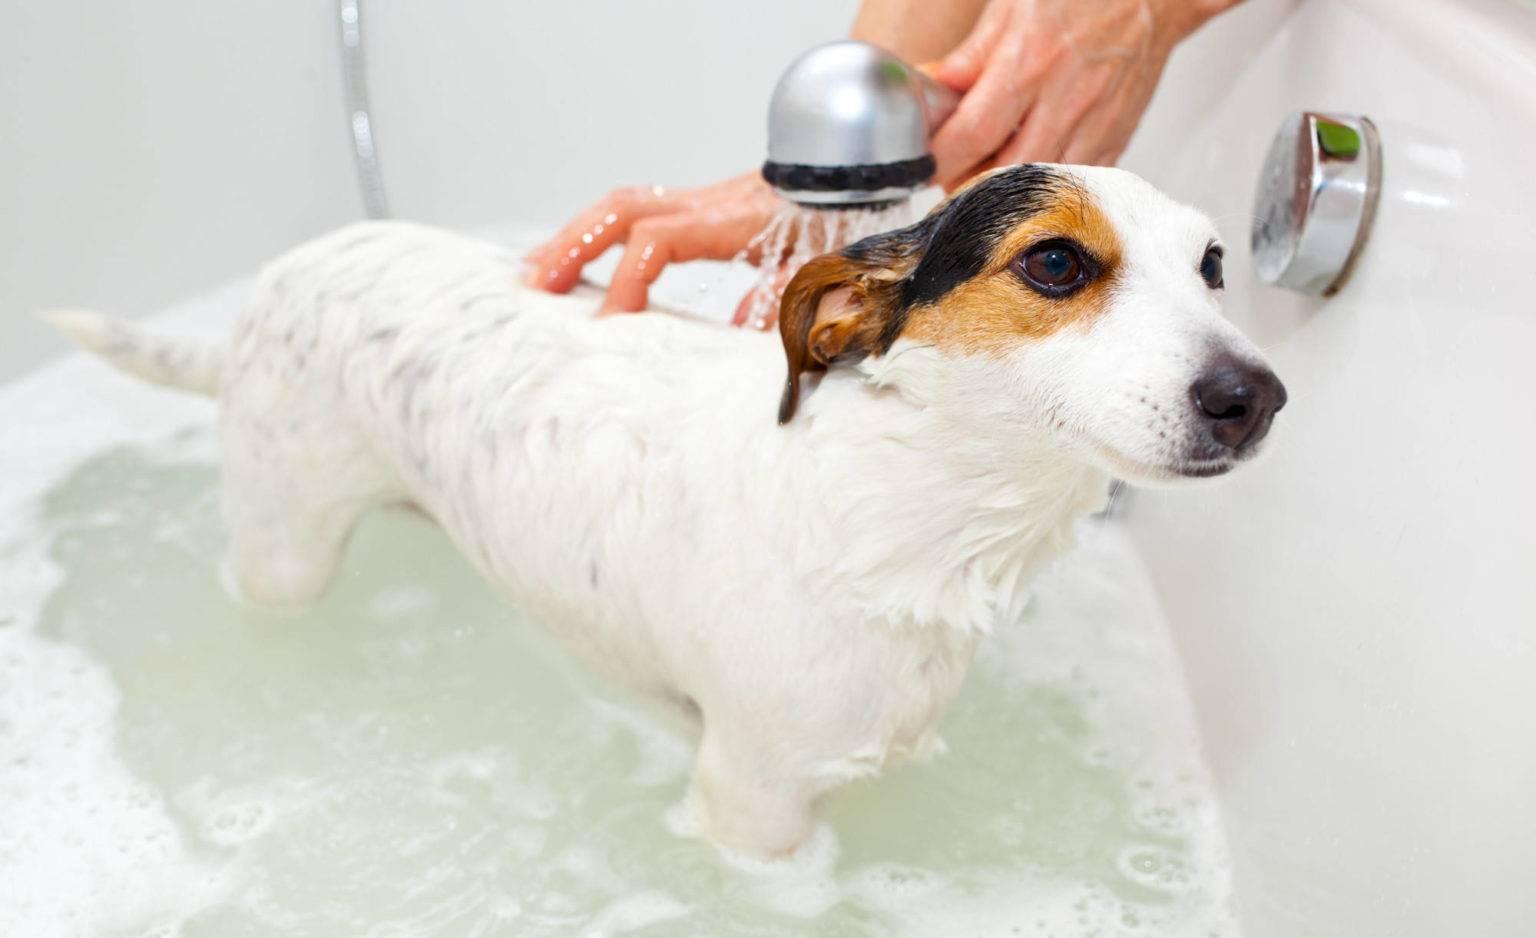 Можно ли купать собаку с помощью дегтярного или хозяйственного мыла